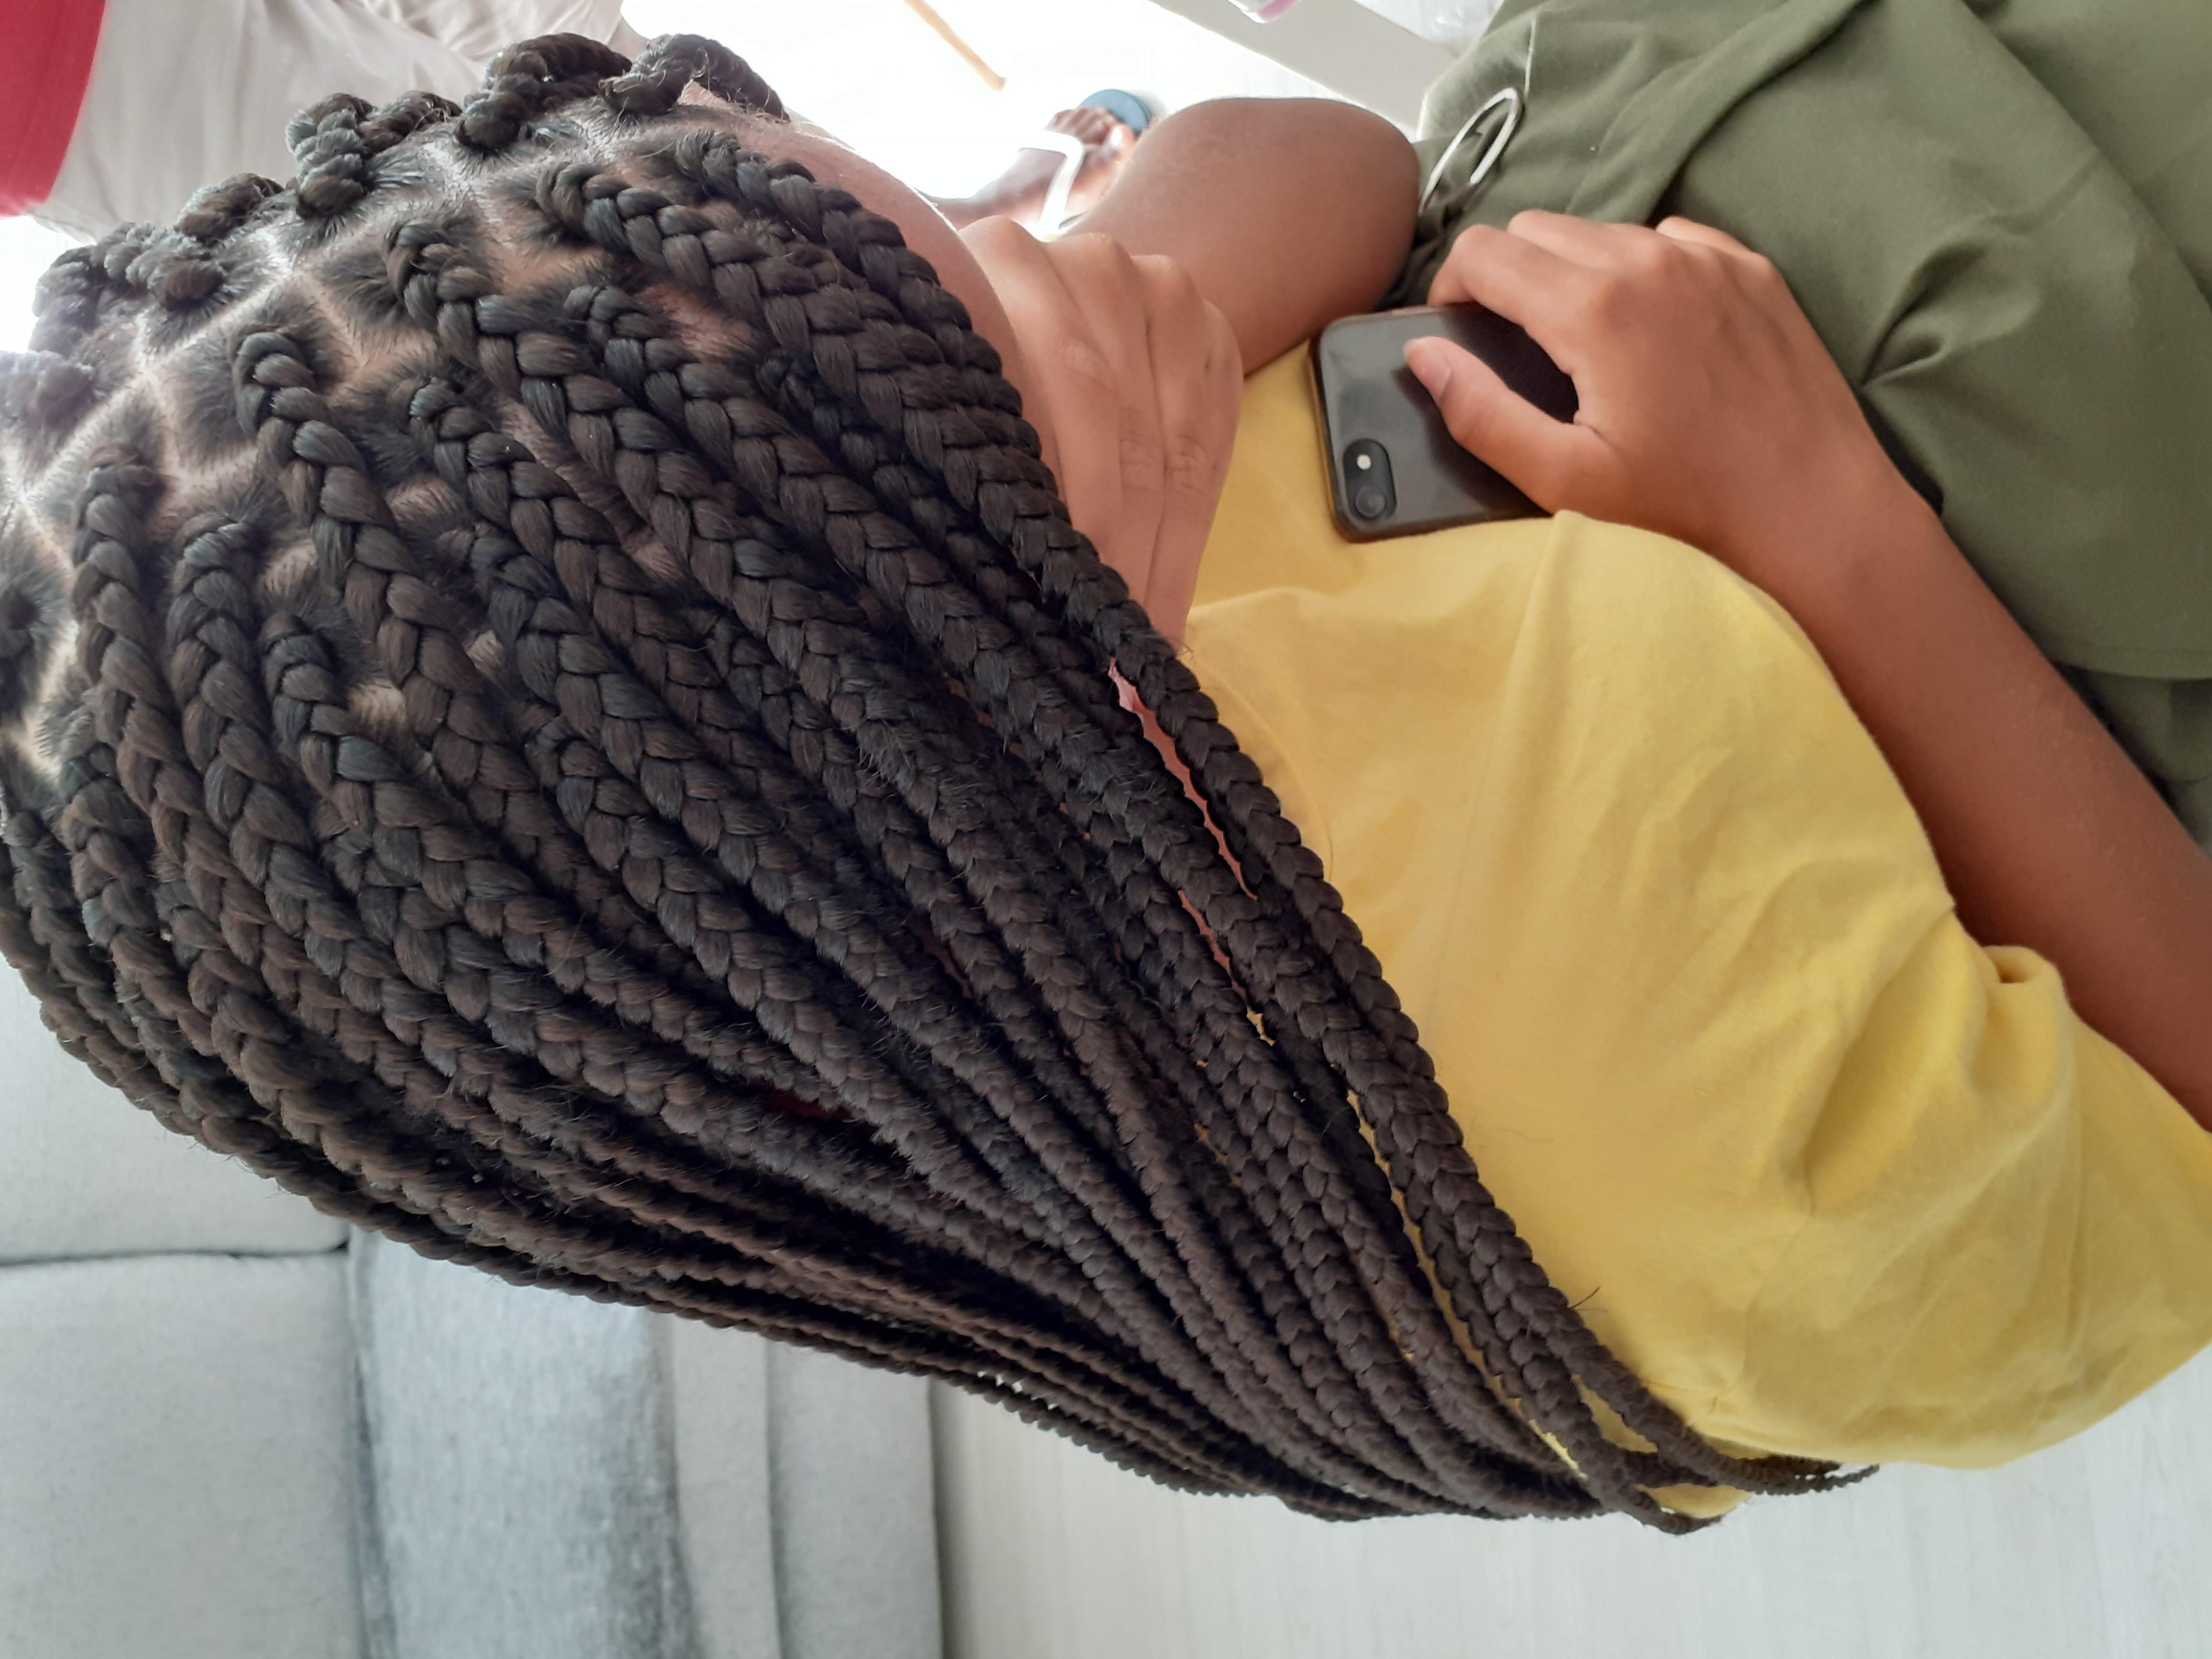 salon de coiffure afro tresse tresses box braids crochet braids vanilles tissages paris 75 77 78 91 92 93 94 95 XGZOCTHV